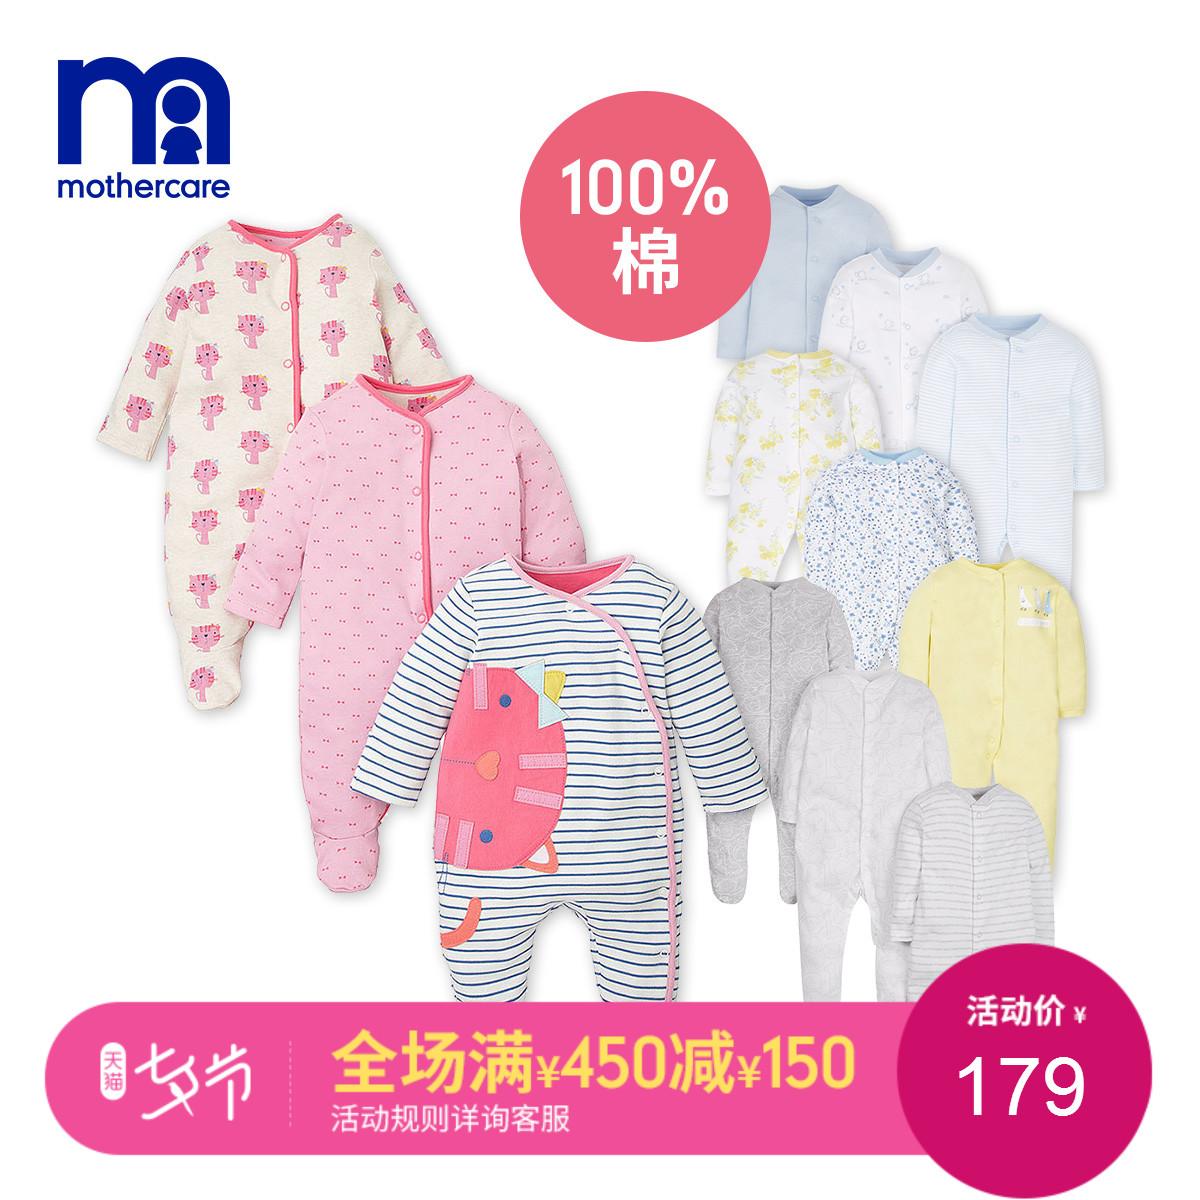 mothercare婴儿连体衣男女宝宝衣服新生儿长袖棉可爱爬爬服哈衣